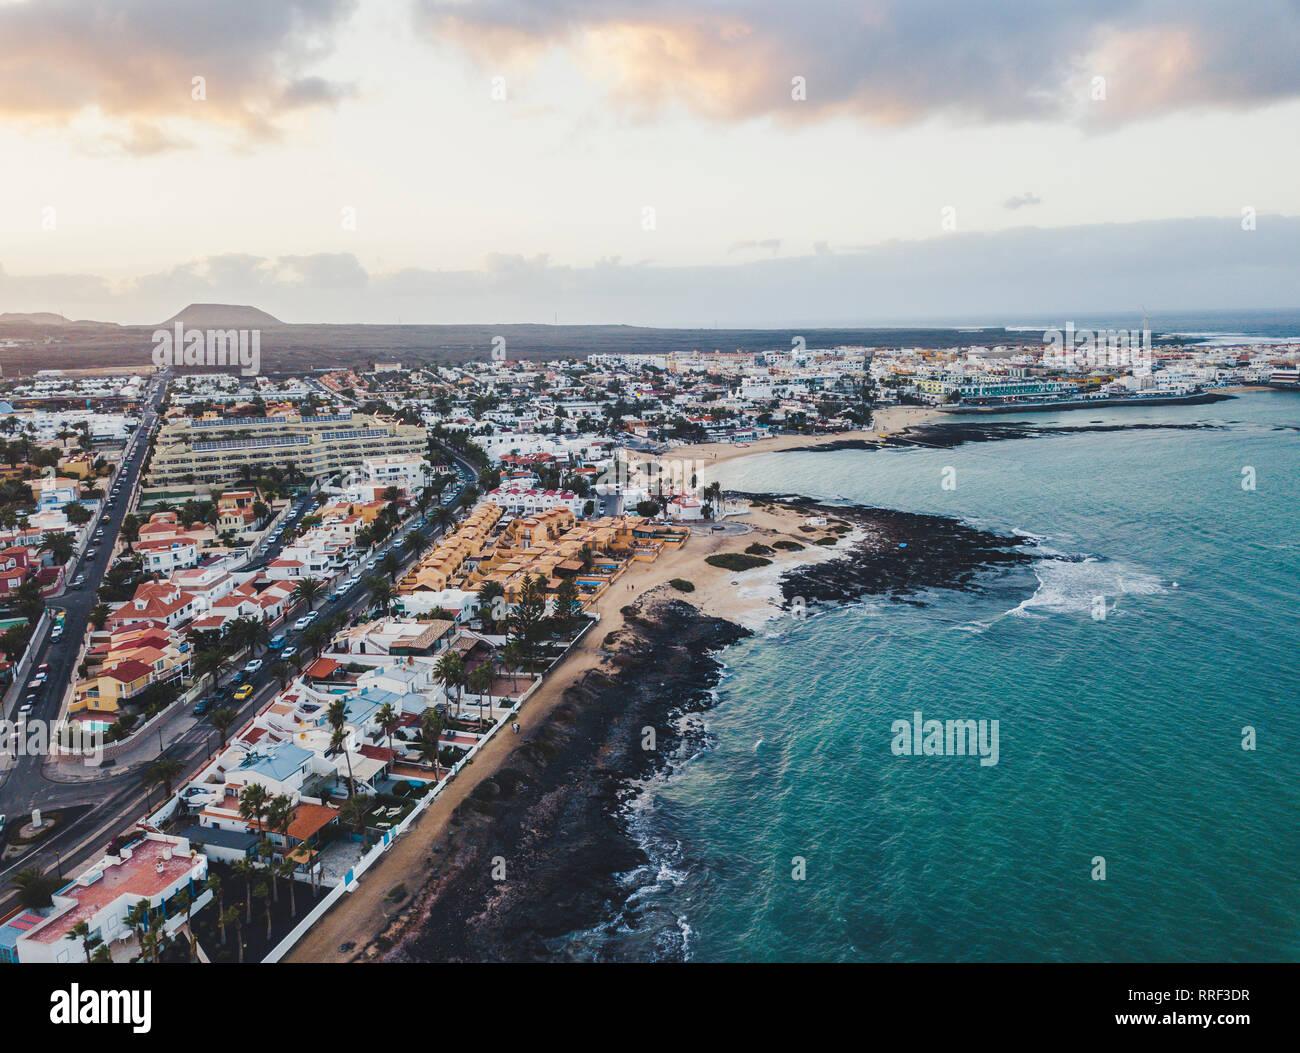 Malerische Luftaufnahme der Stadt am Meer Stockbild